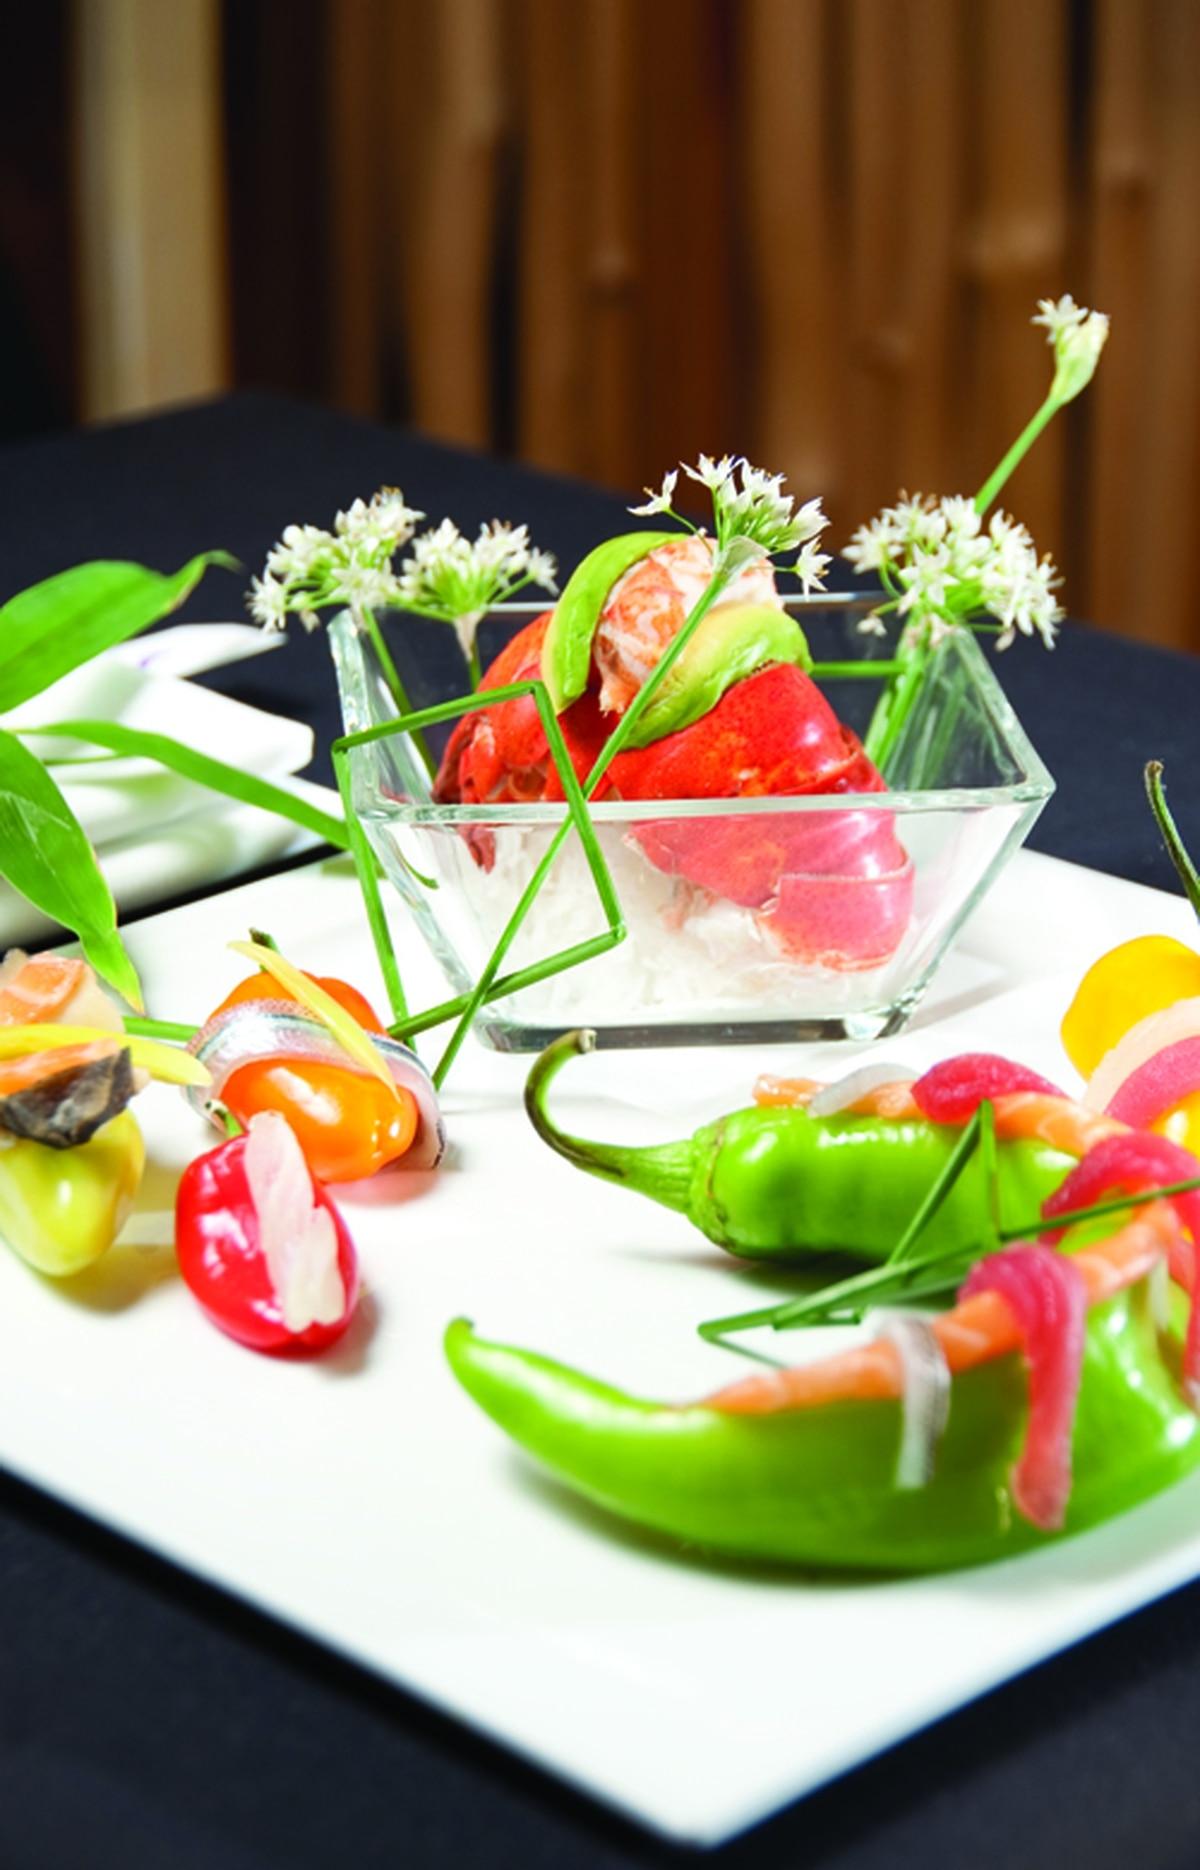 Food & Dining | Best of Santa Fe | Santa Fe Reporter